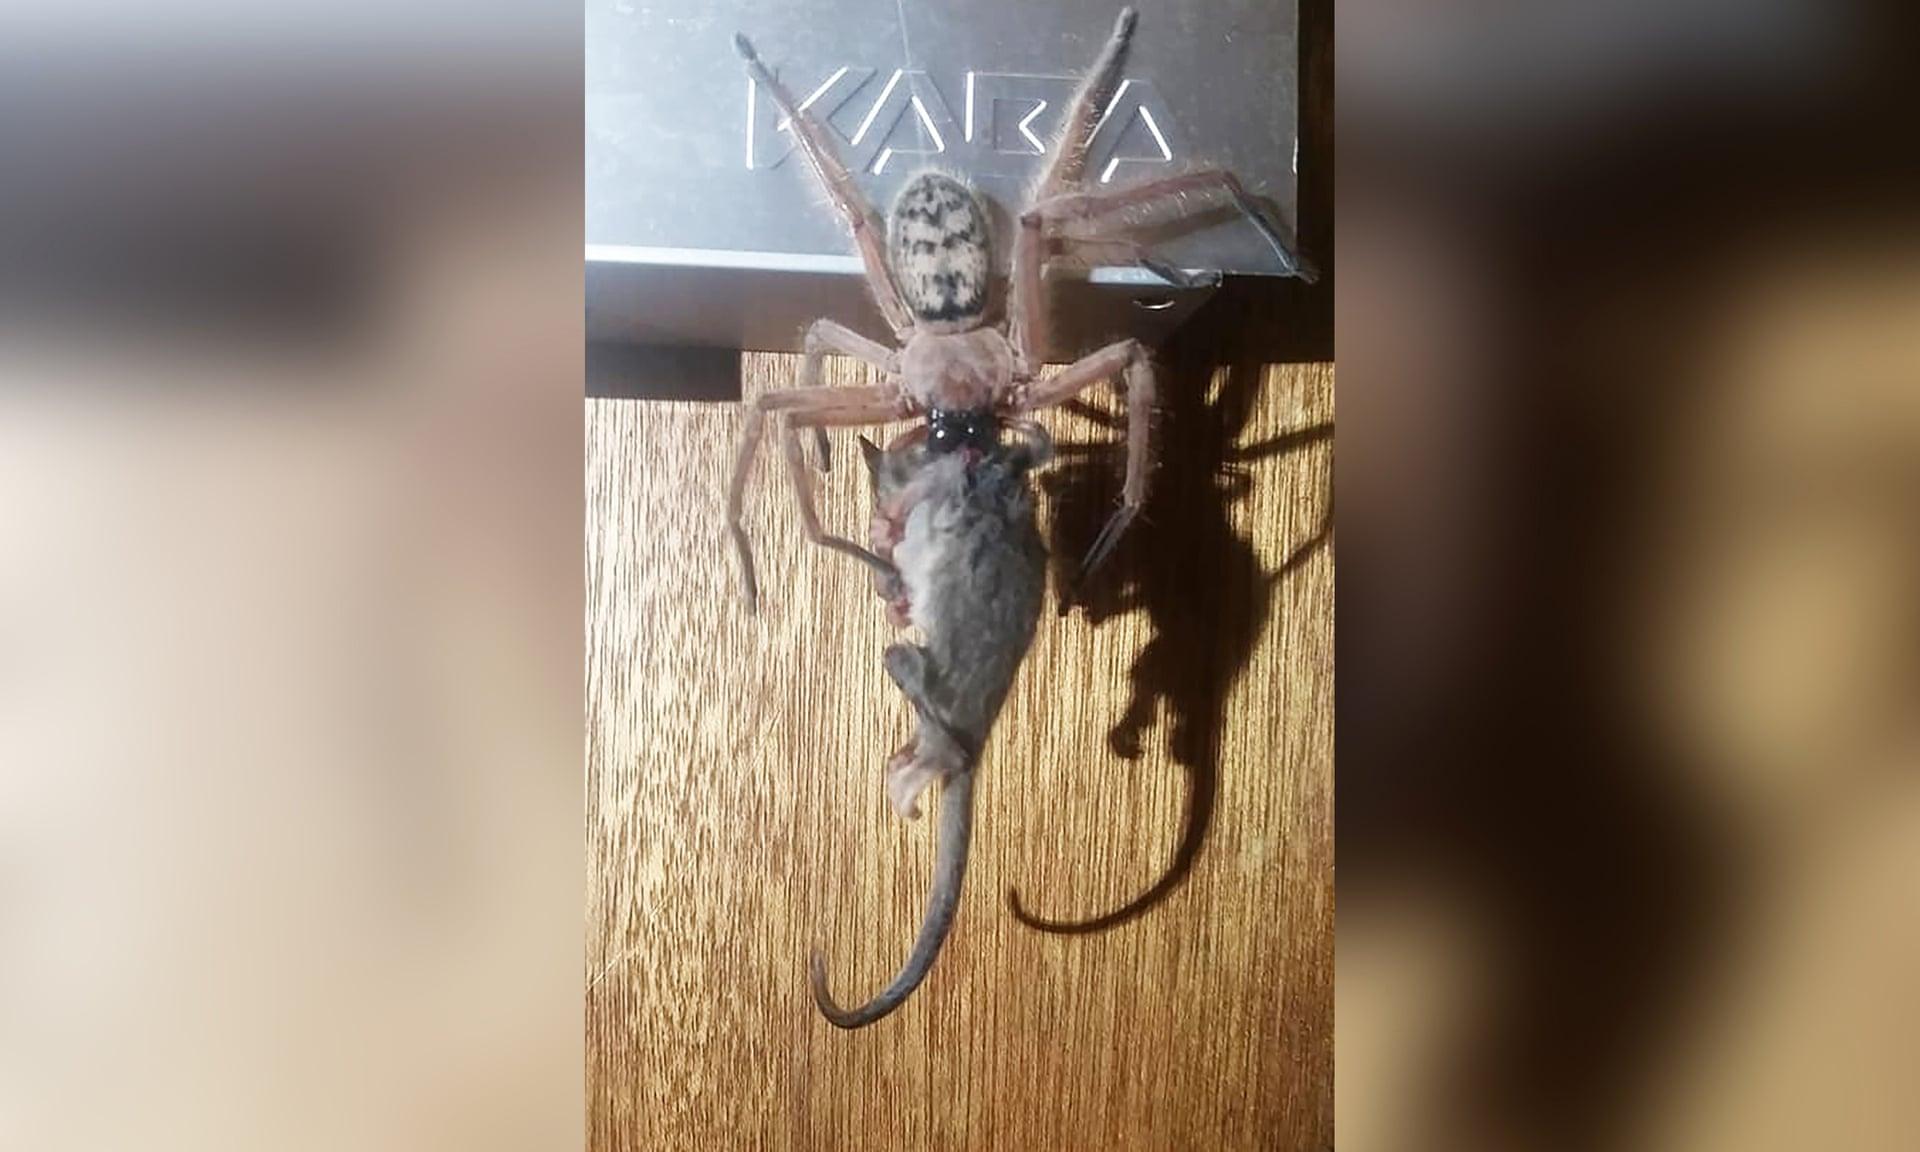 'Episken foto': jachtkrabspinne eat dwargbüdelmuus in Australie